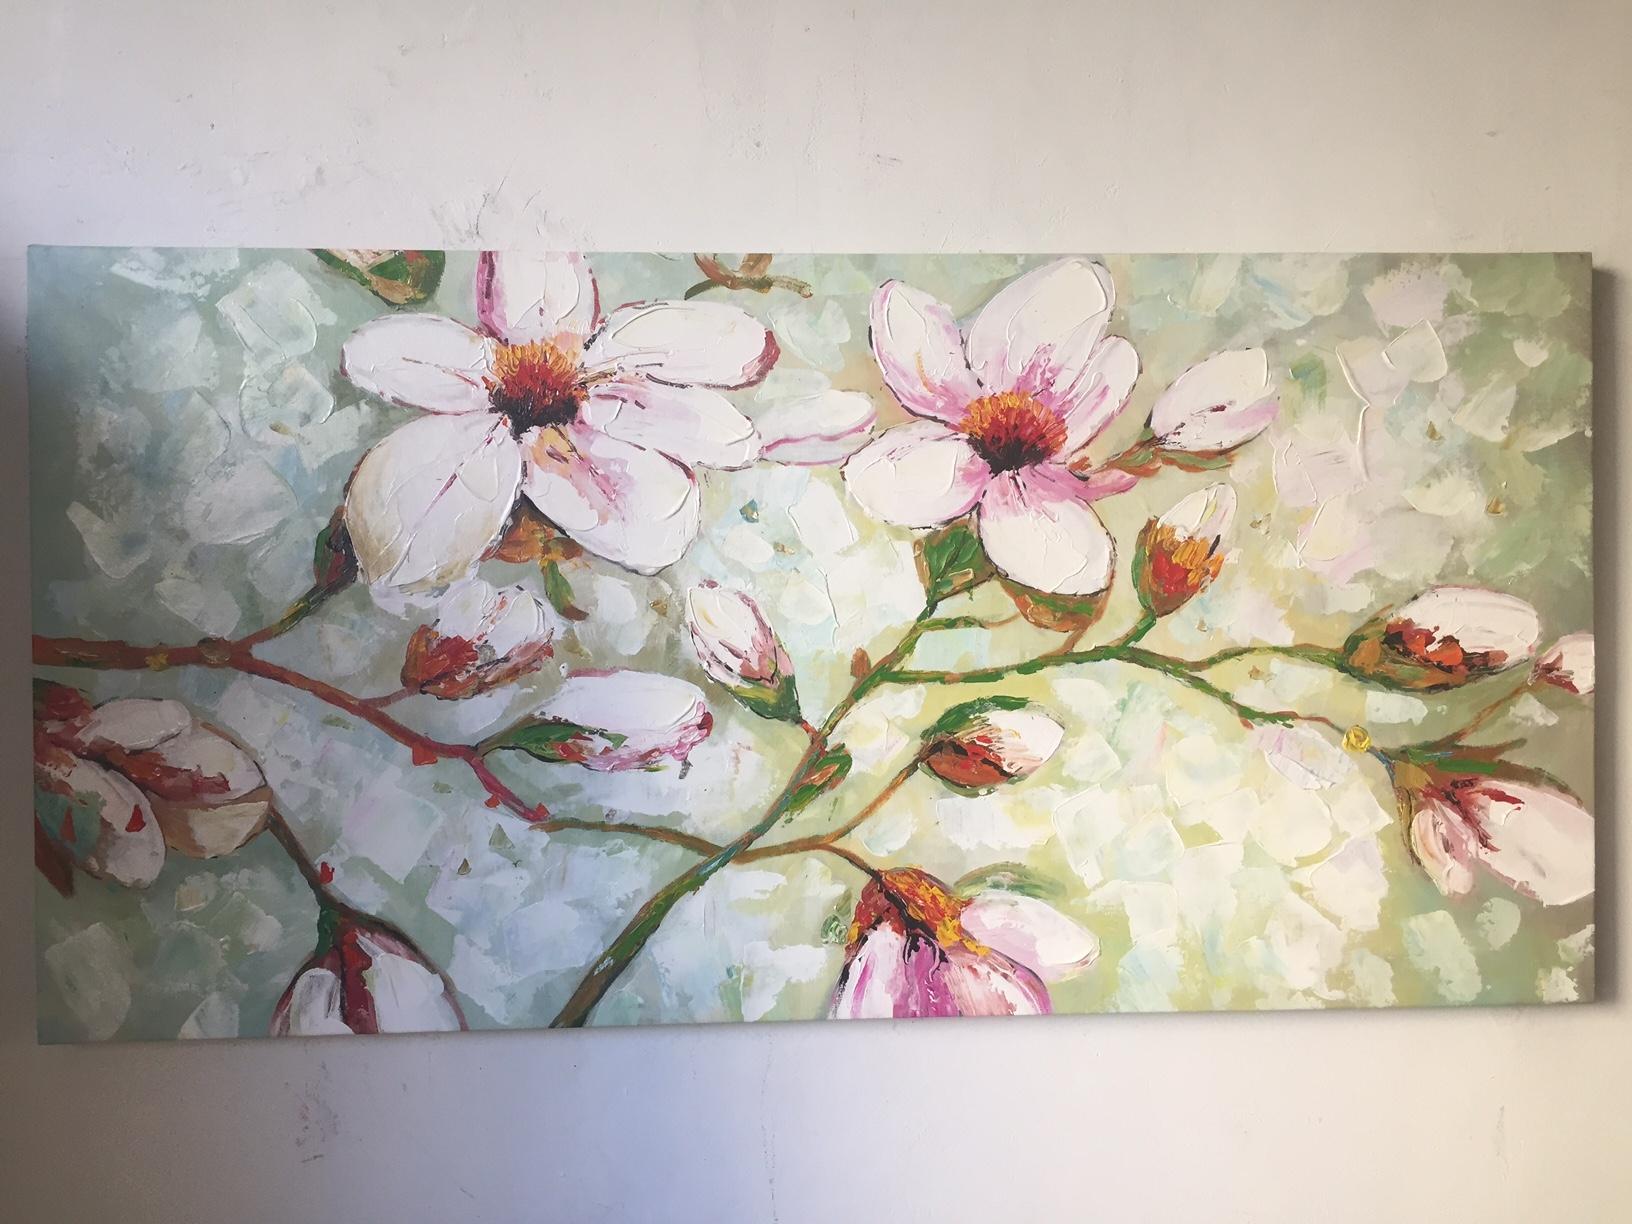 quadro moderno con fiori - Quadri moderni a prezzi scontati